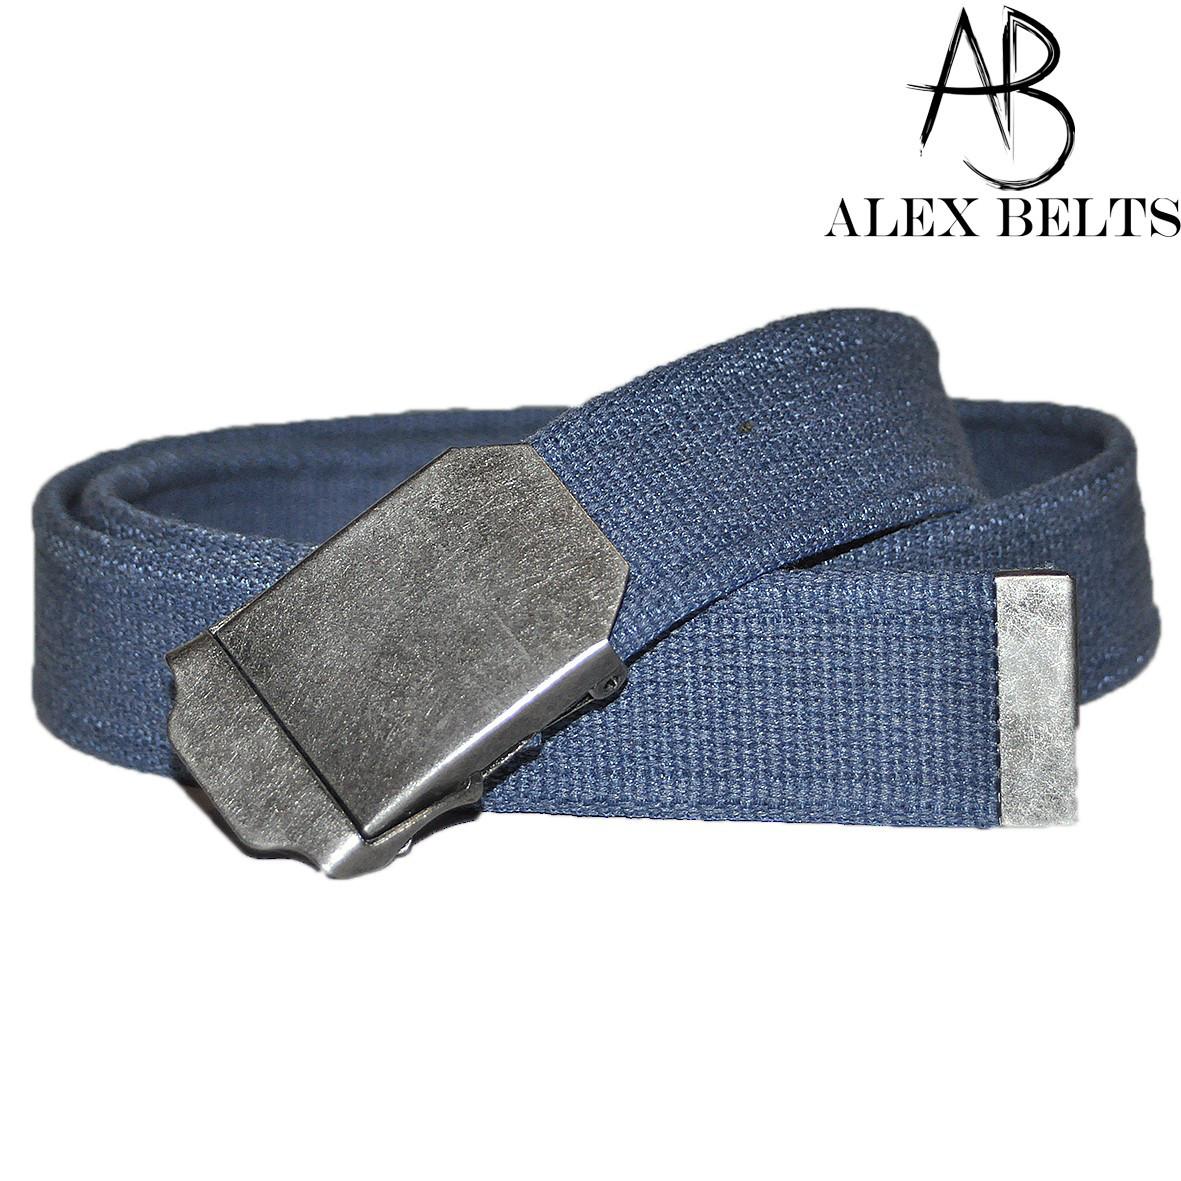 Ремень мужской джинсовый тканевый (джинс) 40 мм-купить оптом в Одессе